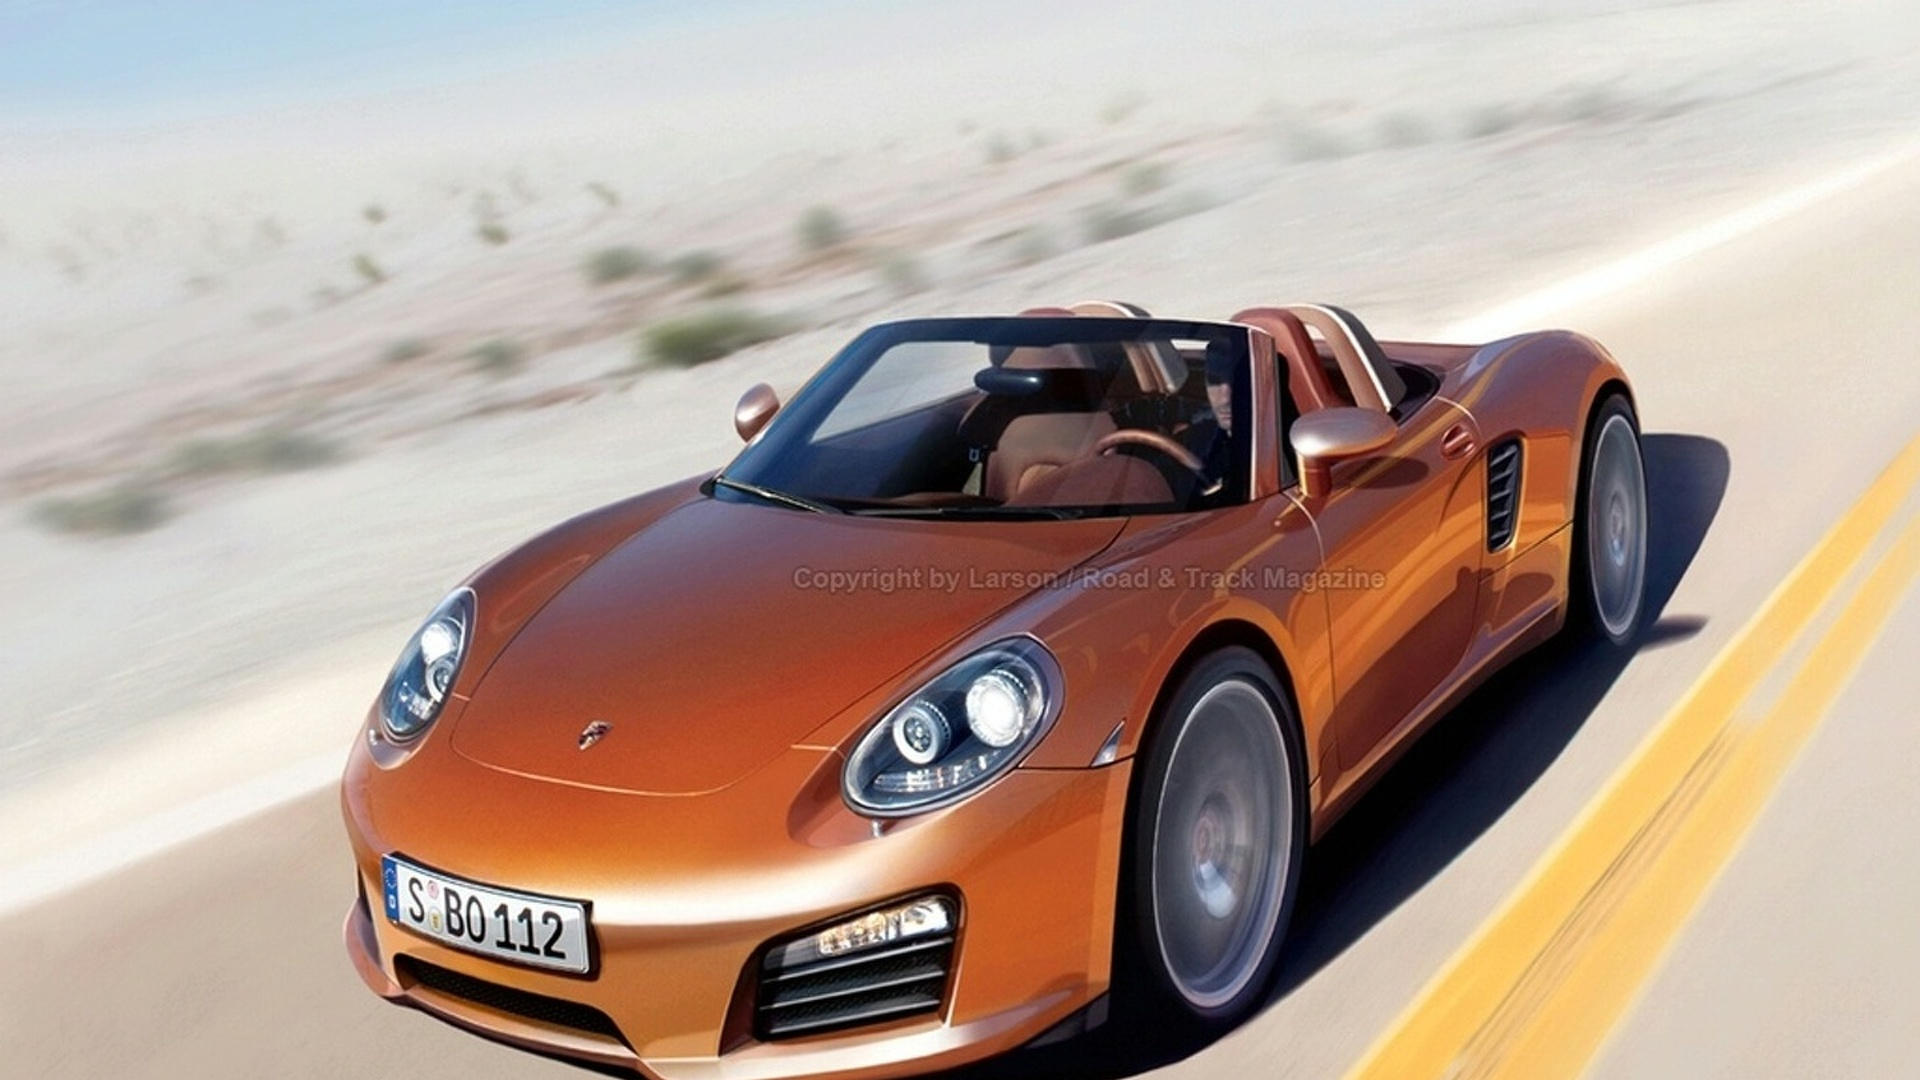 Porsche 550 coming in 2014 - report